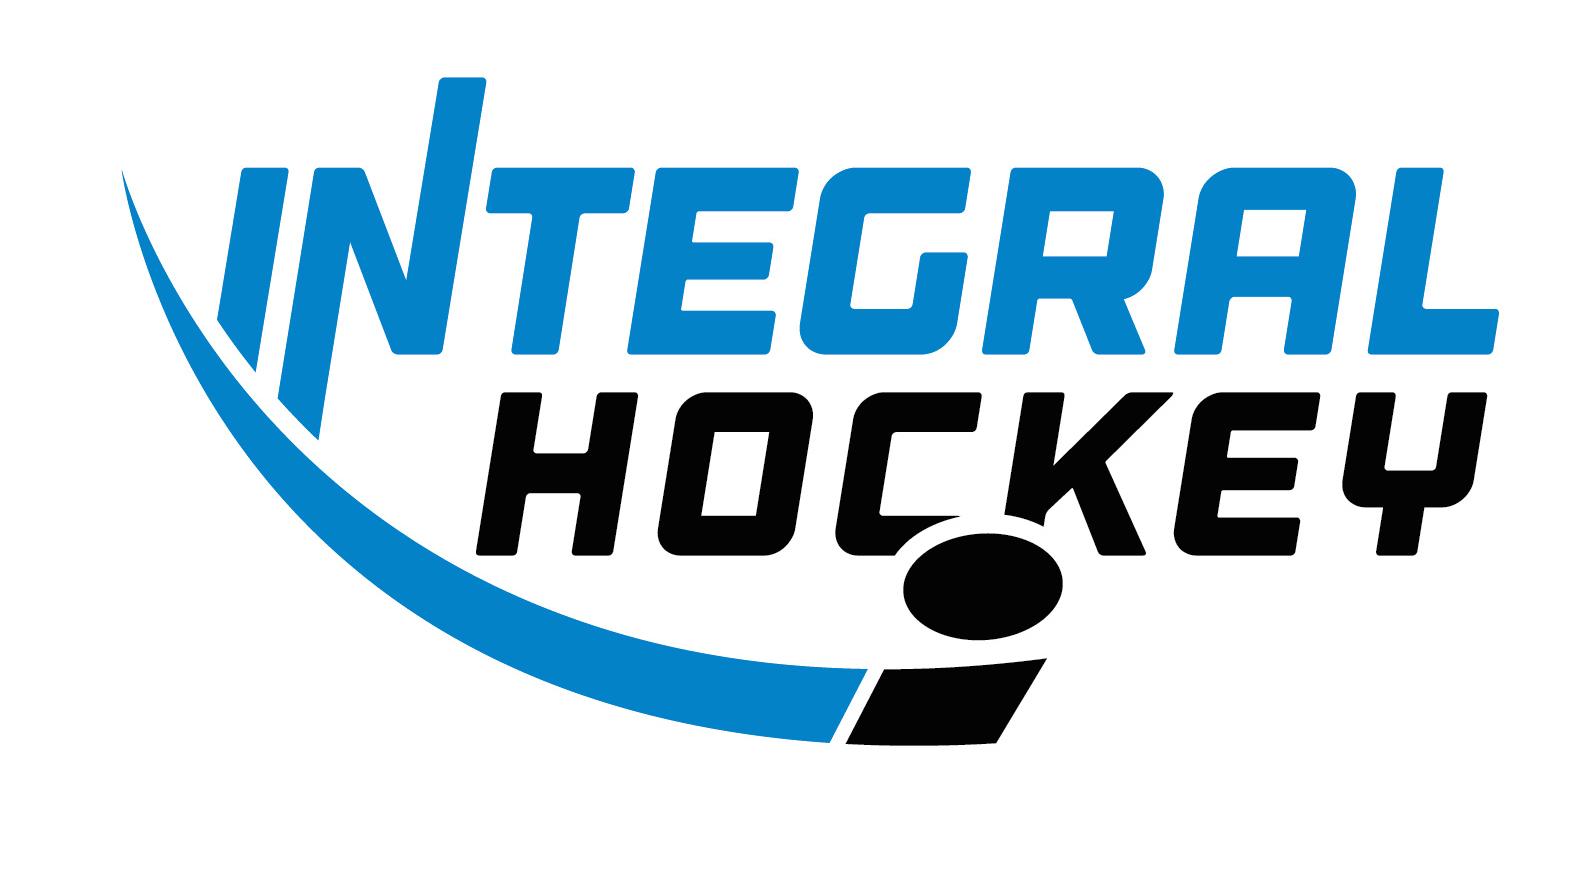 Integral Hockey